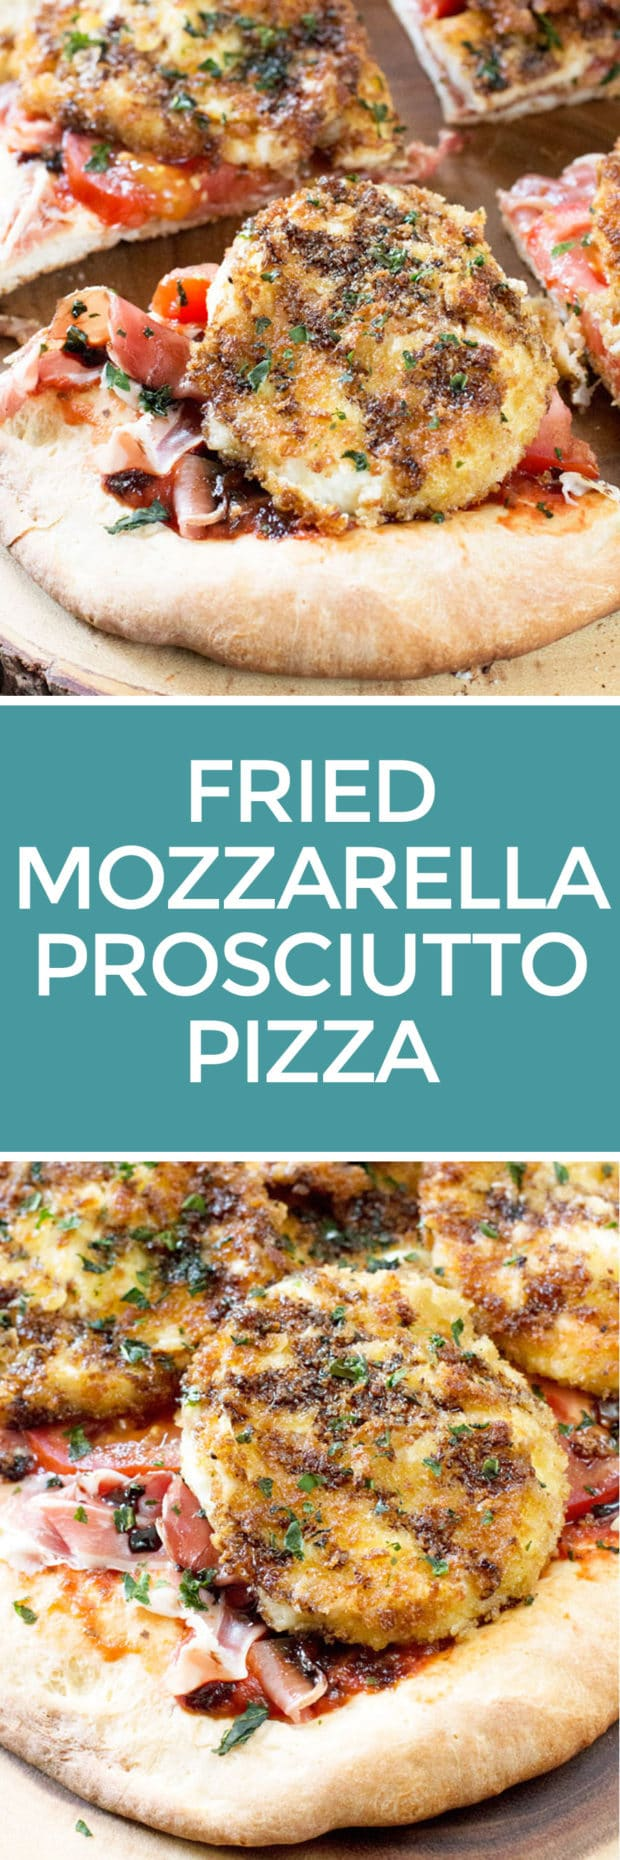 Fried Mozzarella Prosciutto Pizza | cakenknife.com